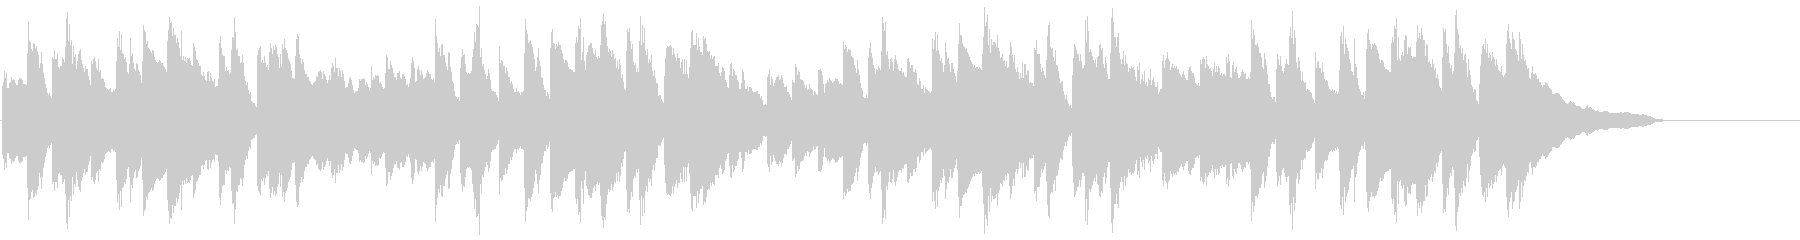 動画広告 30秒 ソロピアノ 日常の未再生の波形